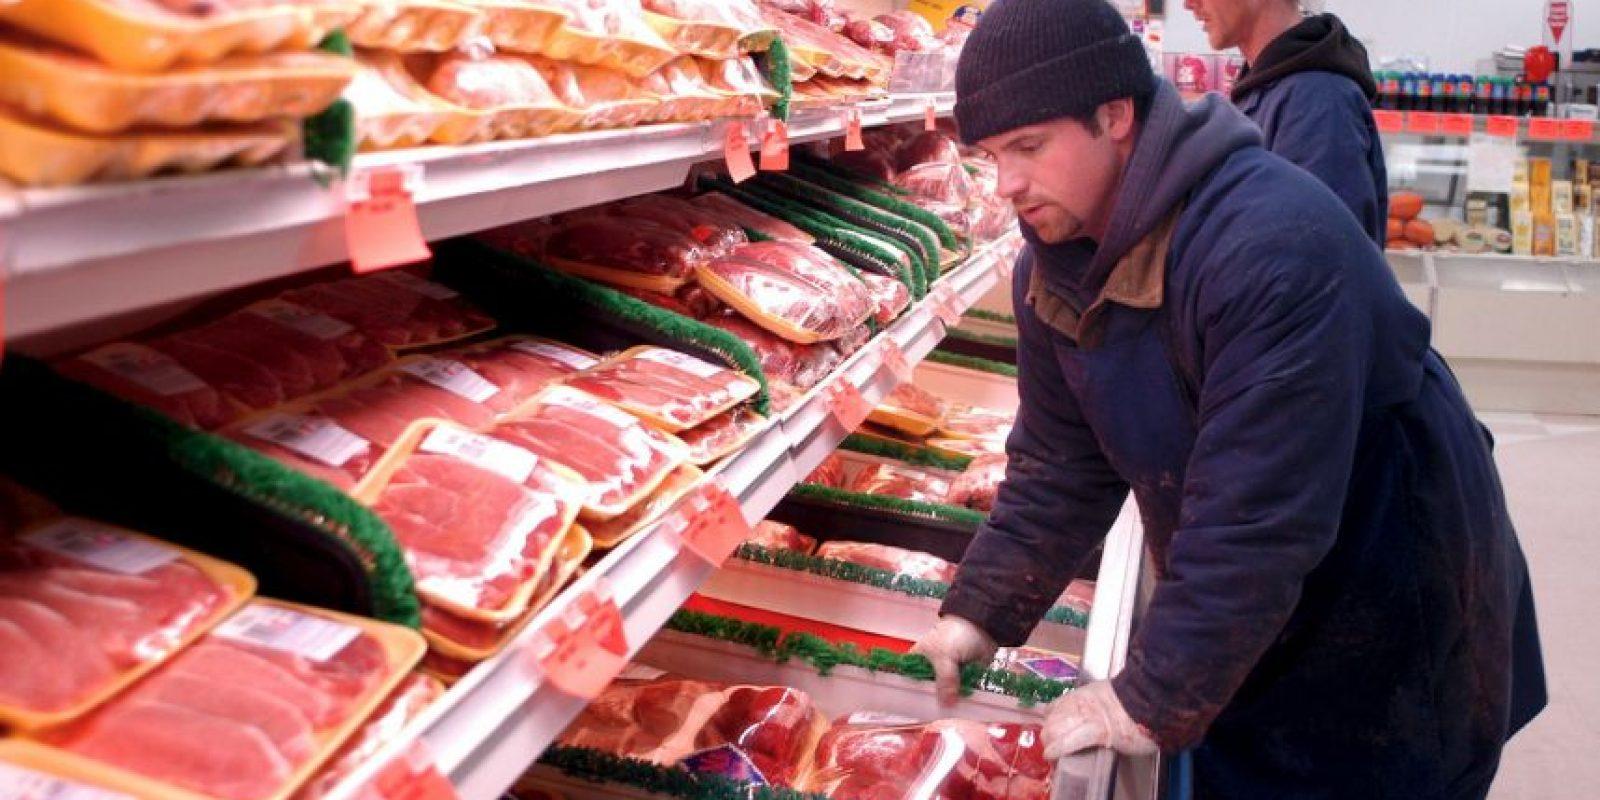 Los vegetarianos se sienten menos sanos que las personas que incluyen la carne en su dieta, afirma un estudio de la Universidad de Medicina de Graz, en Austria. Foto:Getty Images. Imagen Por: